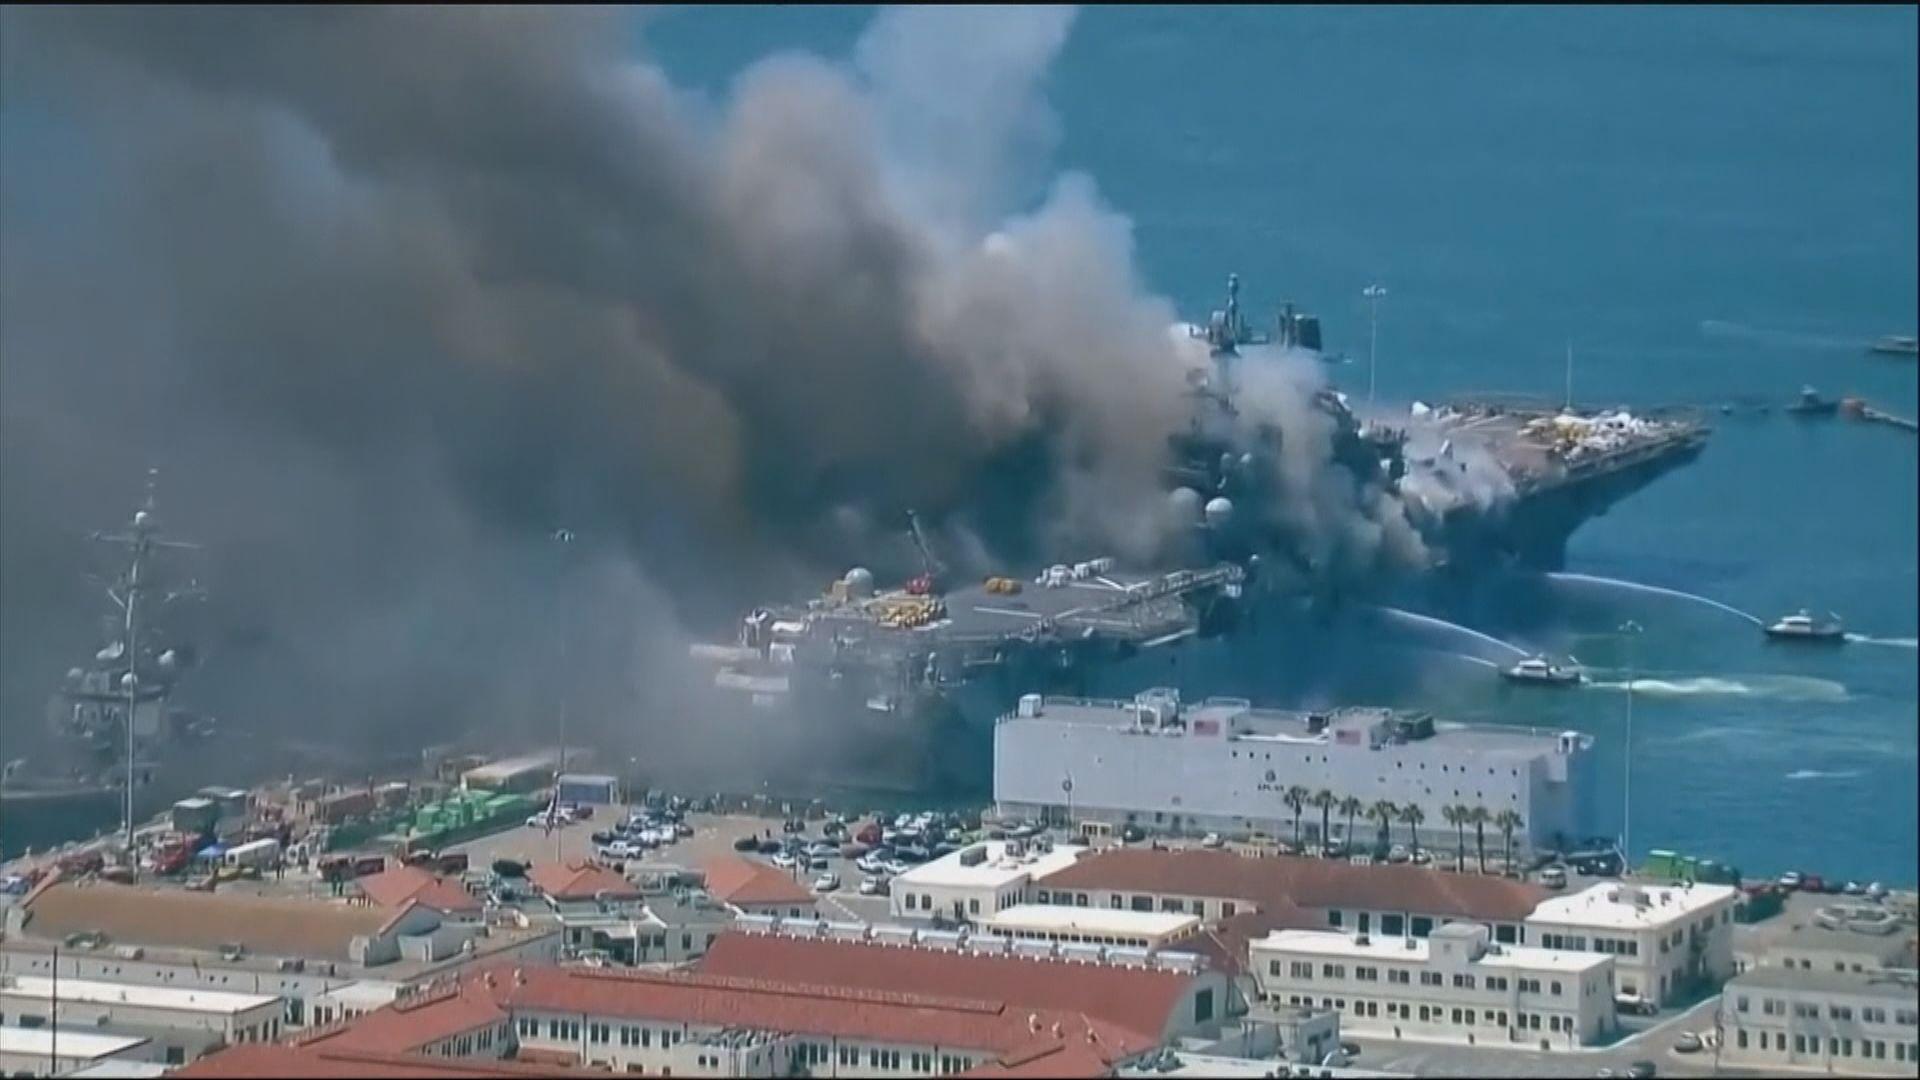 美軍一艘兩棲攻擊艦爆炸起火 至少21傷